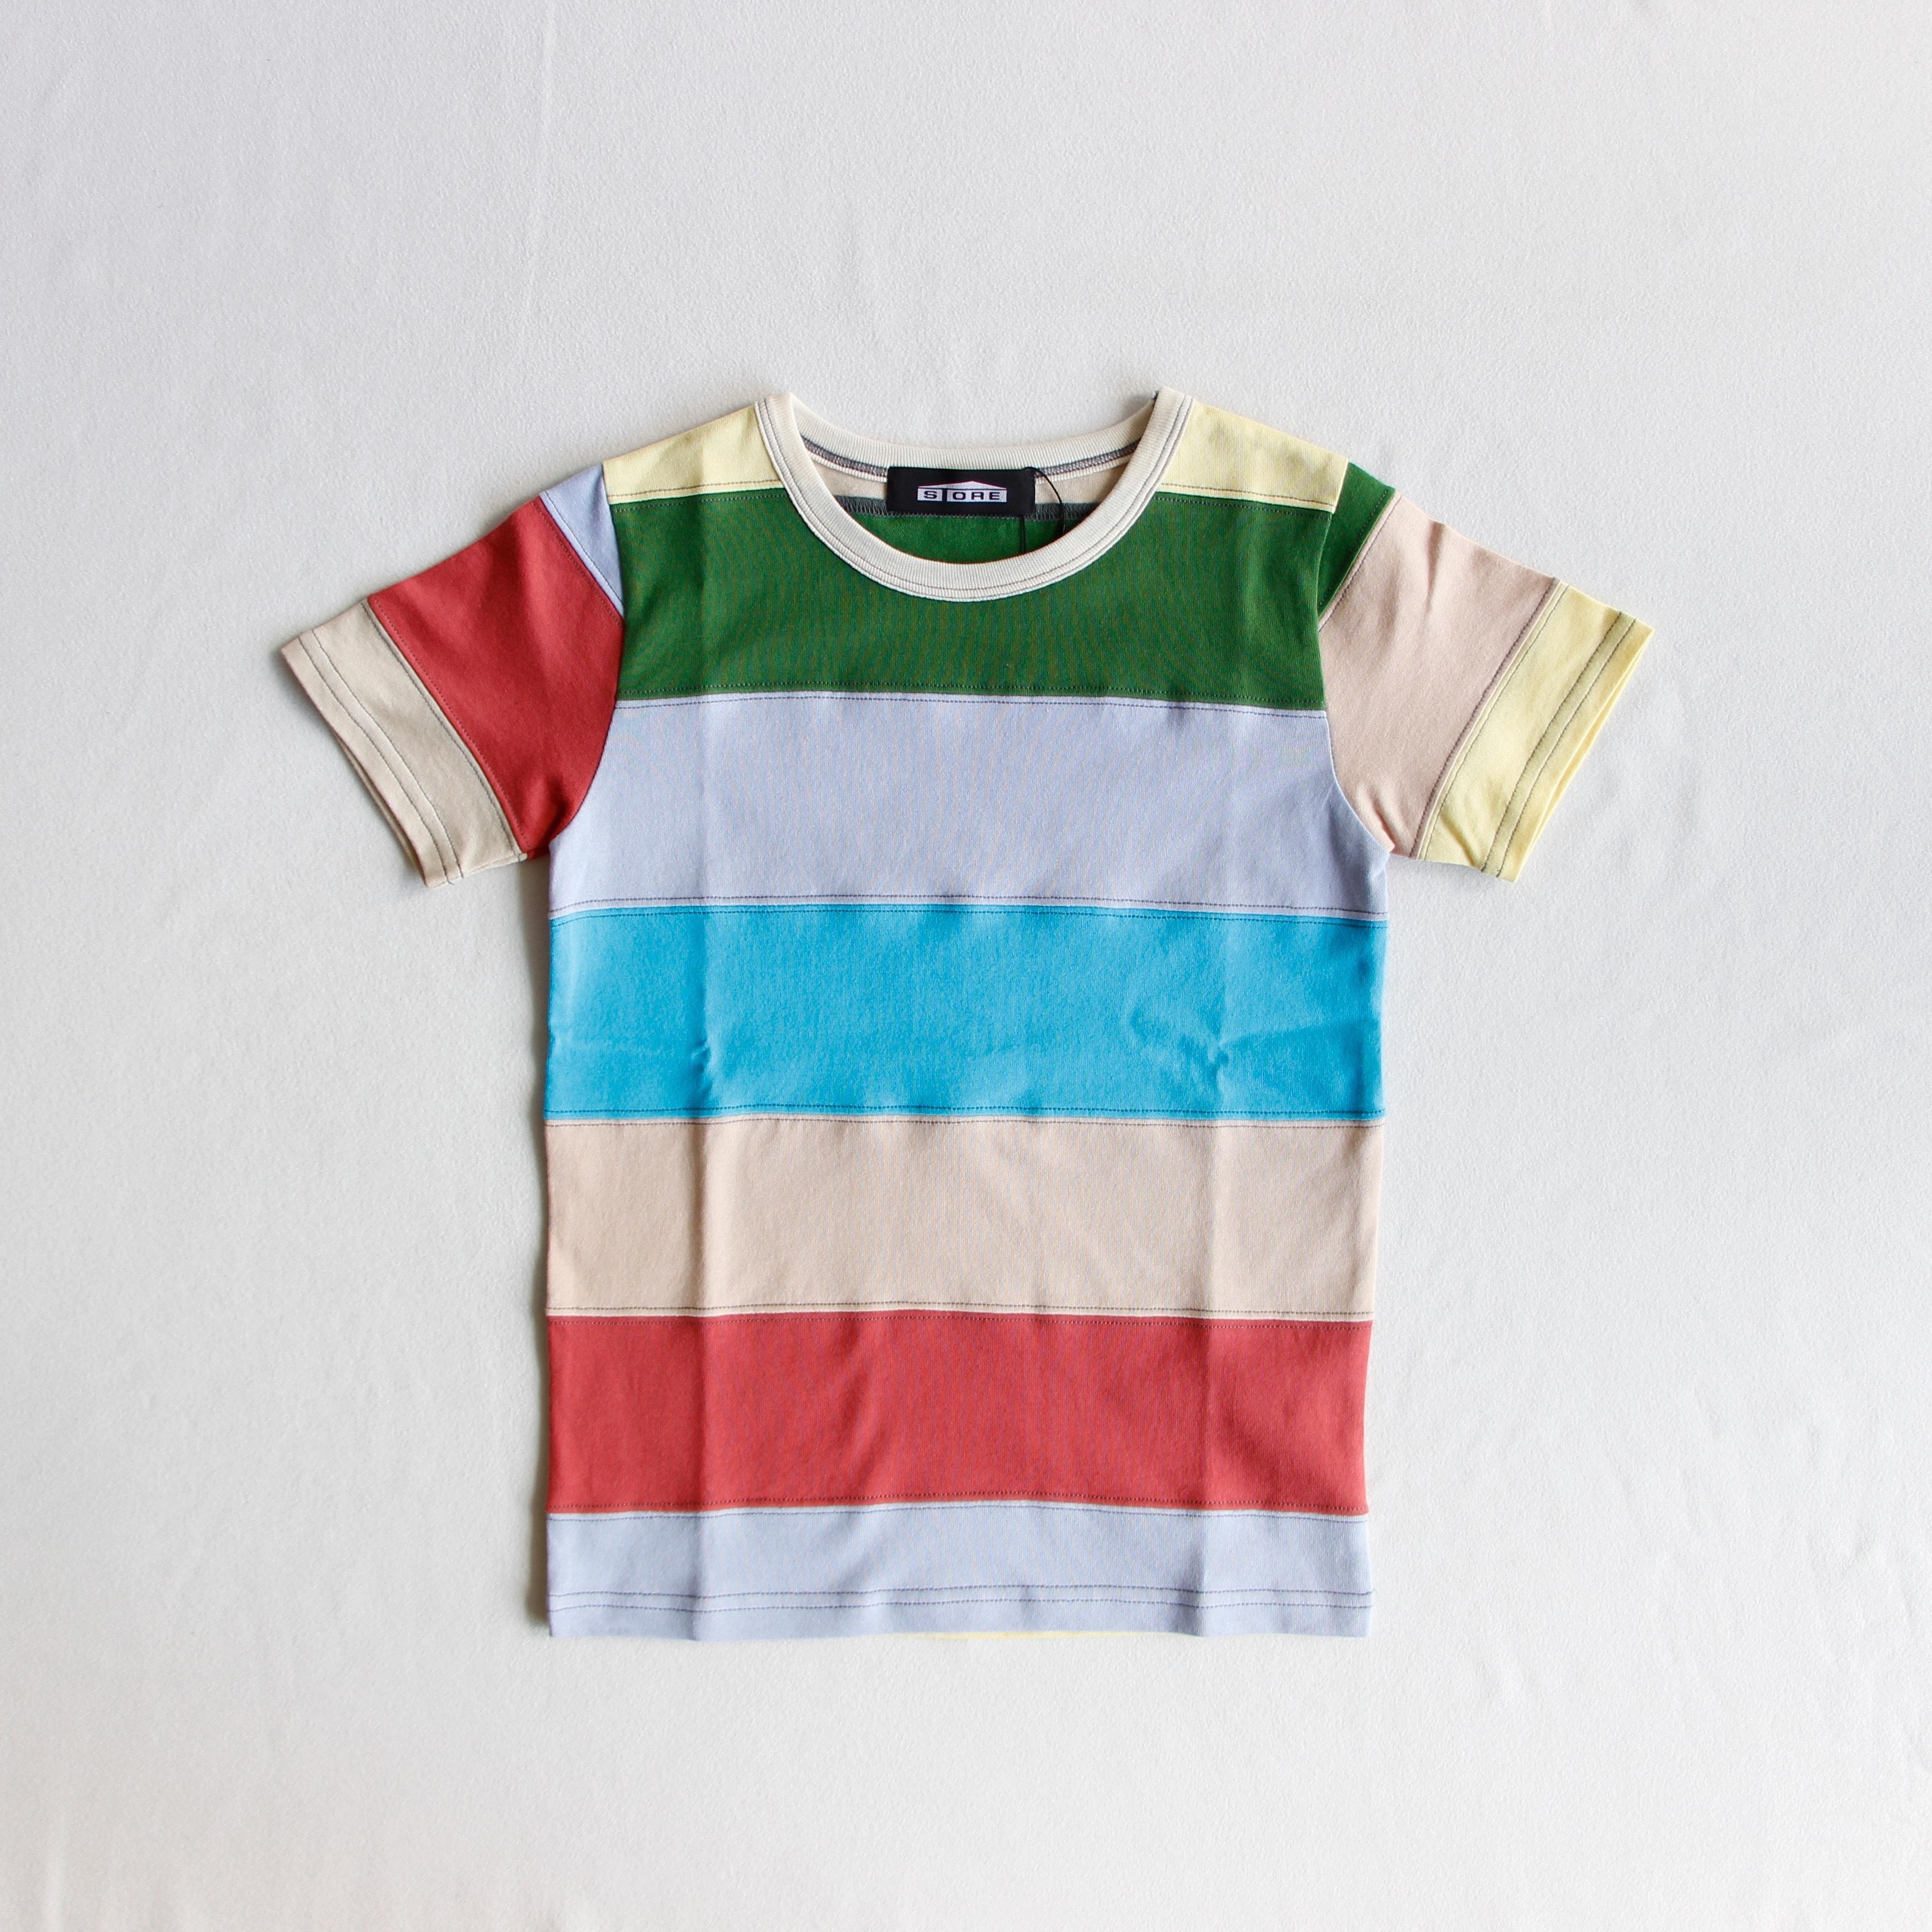 《STORE》ボーダーTシャツ / 130cm